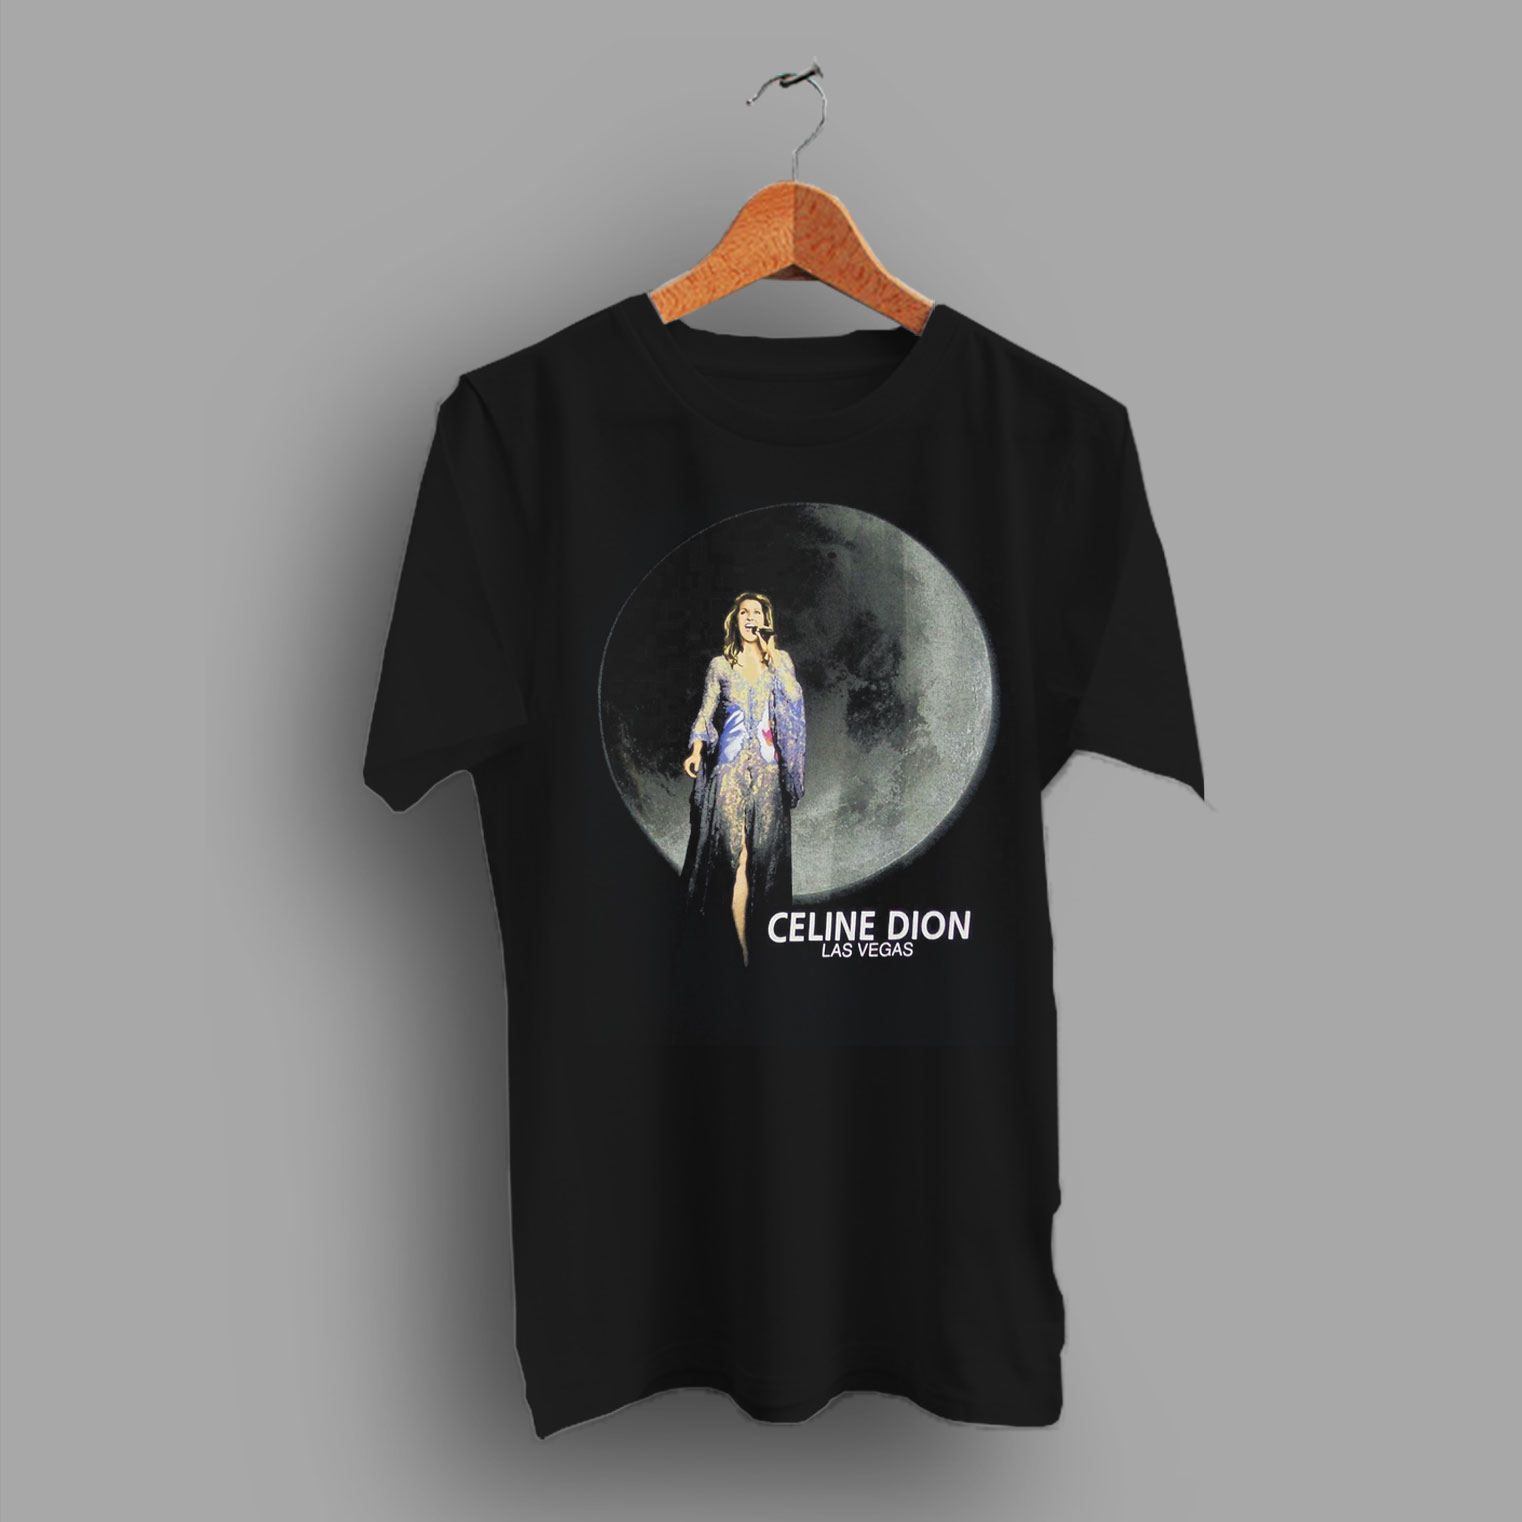 Las Vegas A New Day Vintage Celine Dion T Shirt Hotvero Com